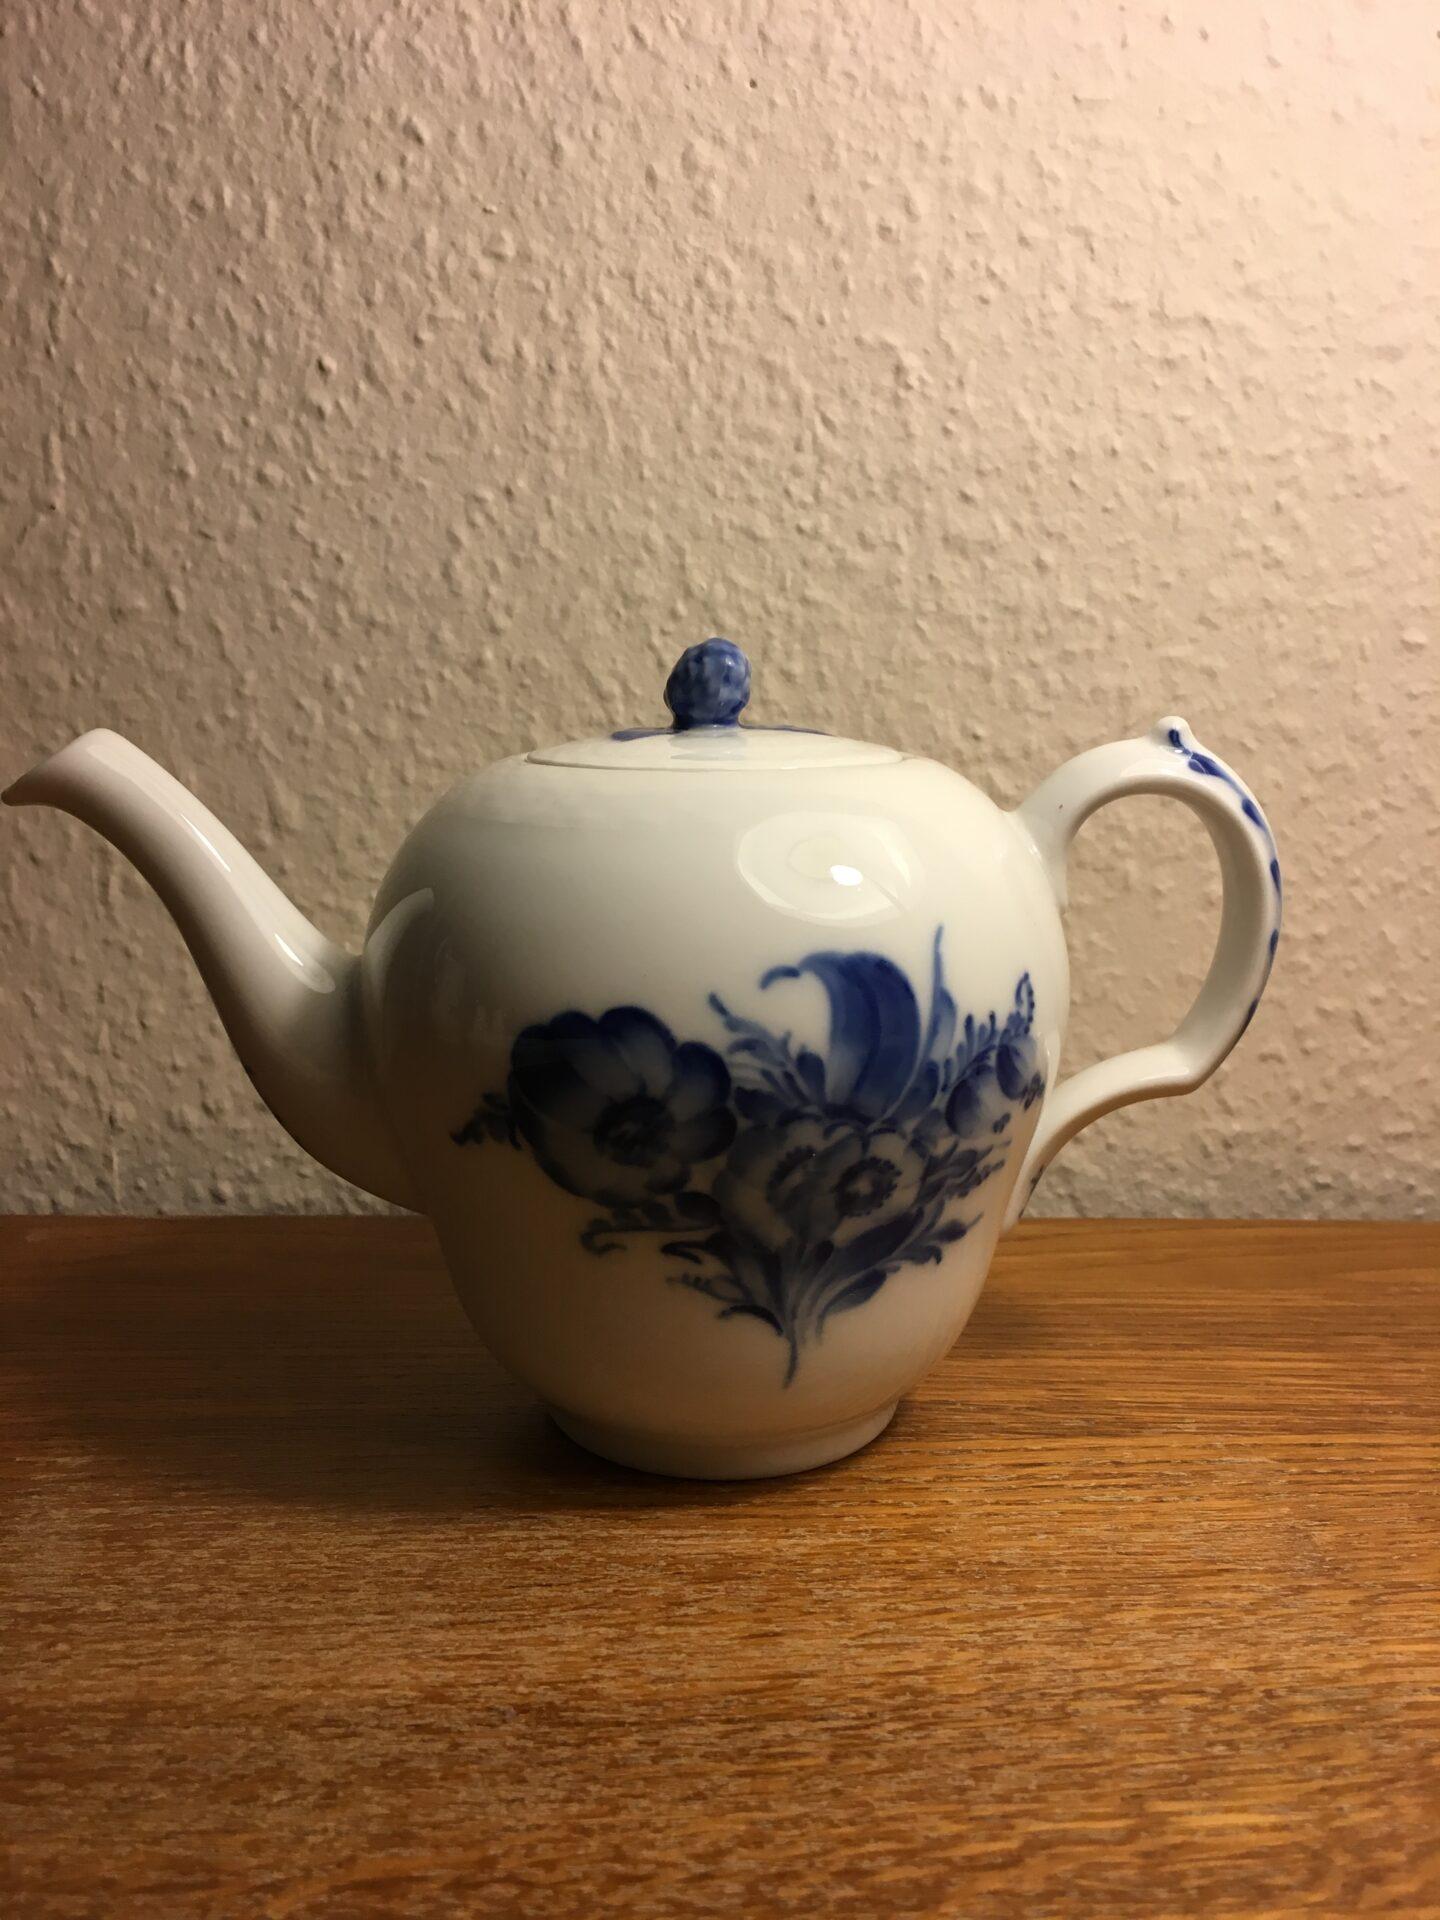 Blå Blomst flet, lille tekande nr. 8122, 2. sortering (fejlfri), pris 400 kr